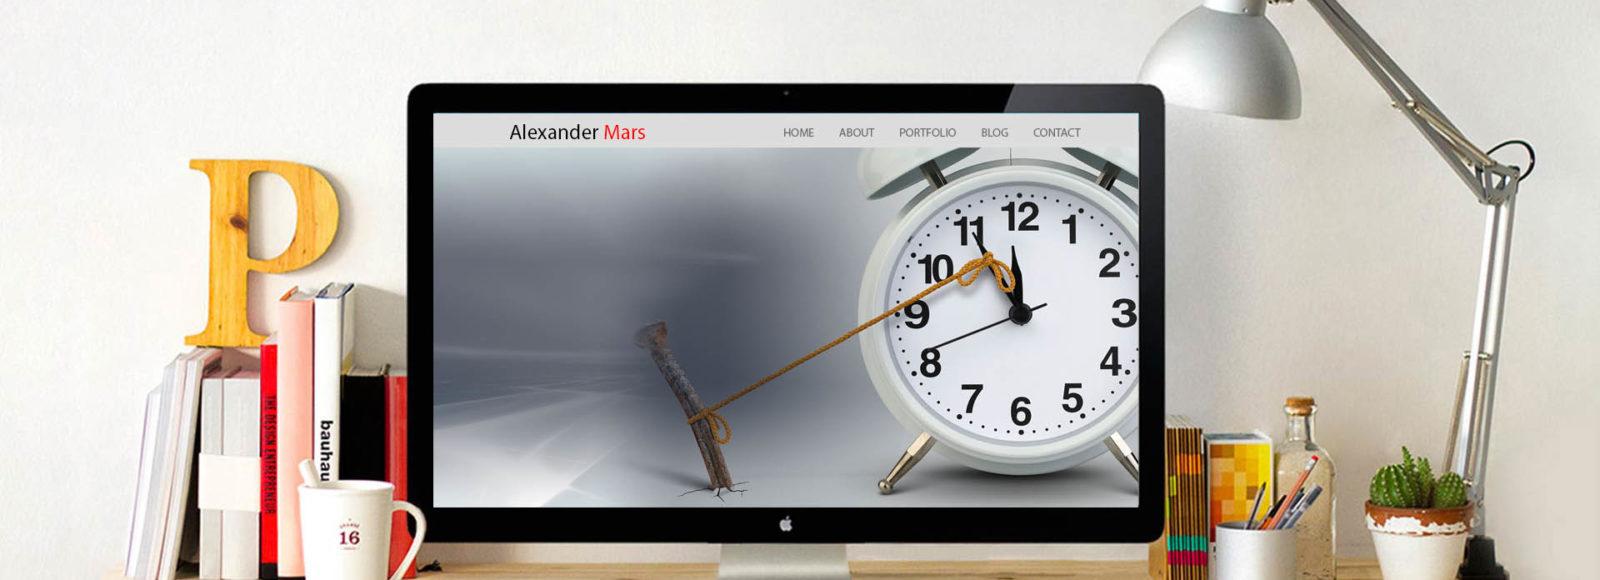 Alexander Mars